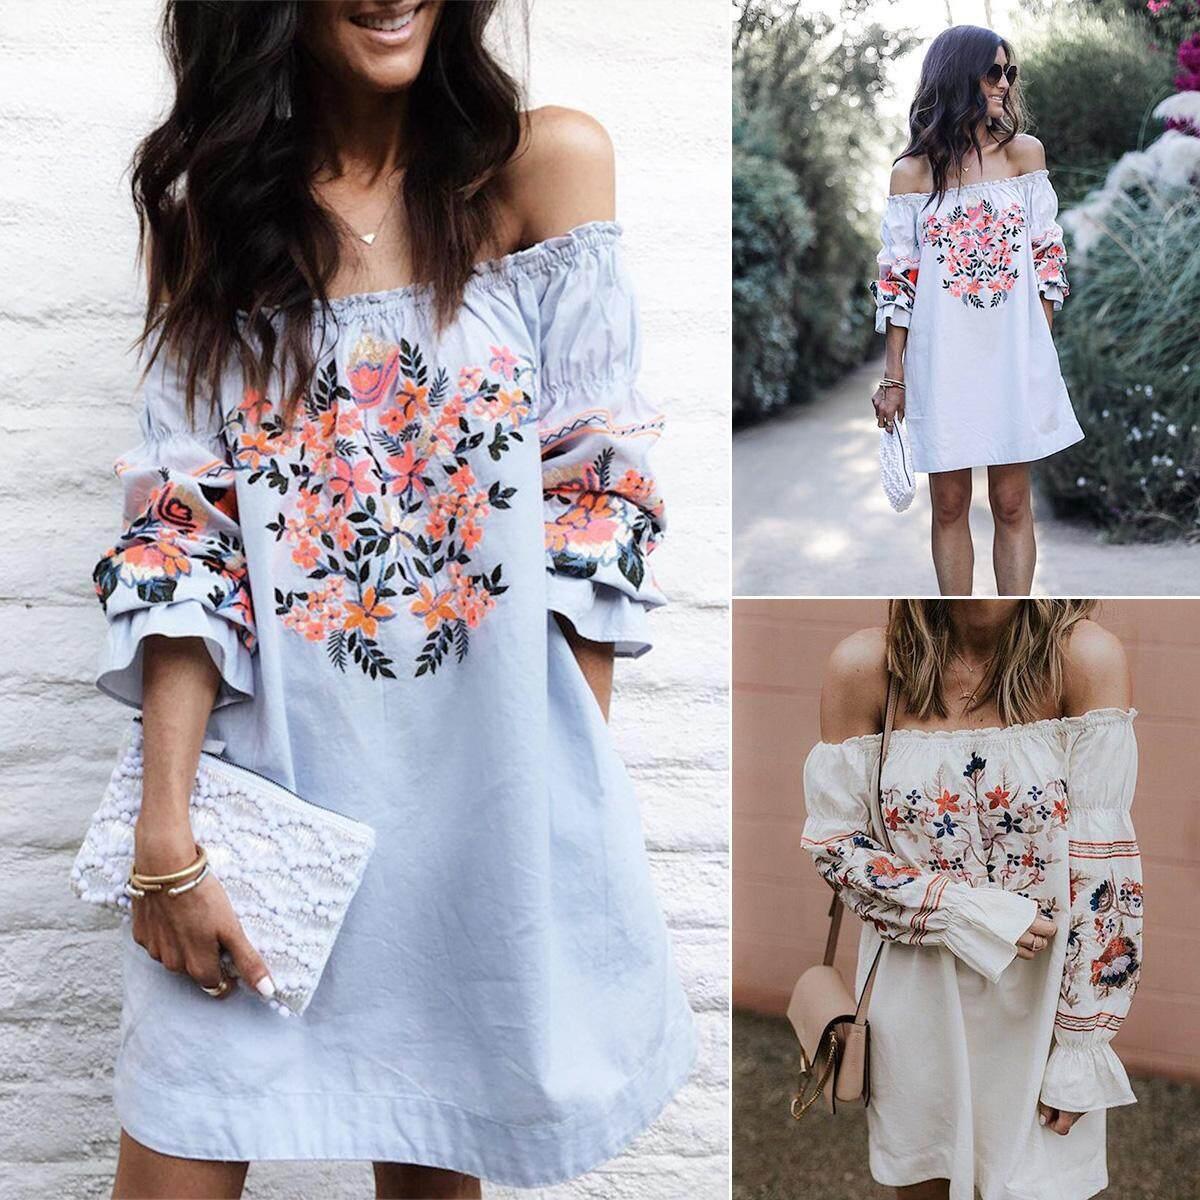 054795d80ba9 Women Boho Casual Flower Long Sleeve Boat Neck A-line Dress Evening Party  Beach Sundress